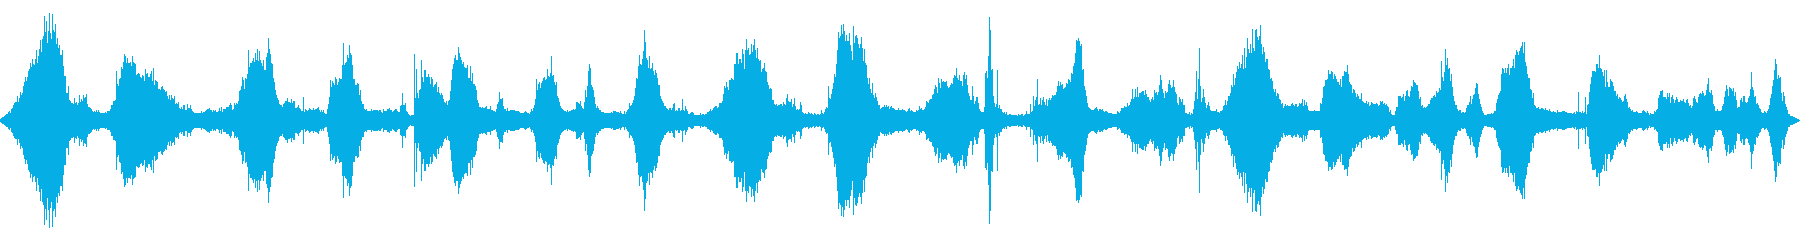 大浜海岸の波の音 4 【徳島】の再生済みの波形